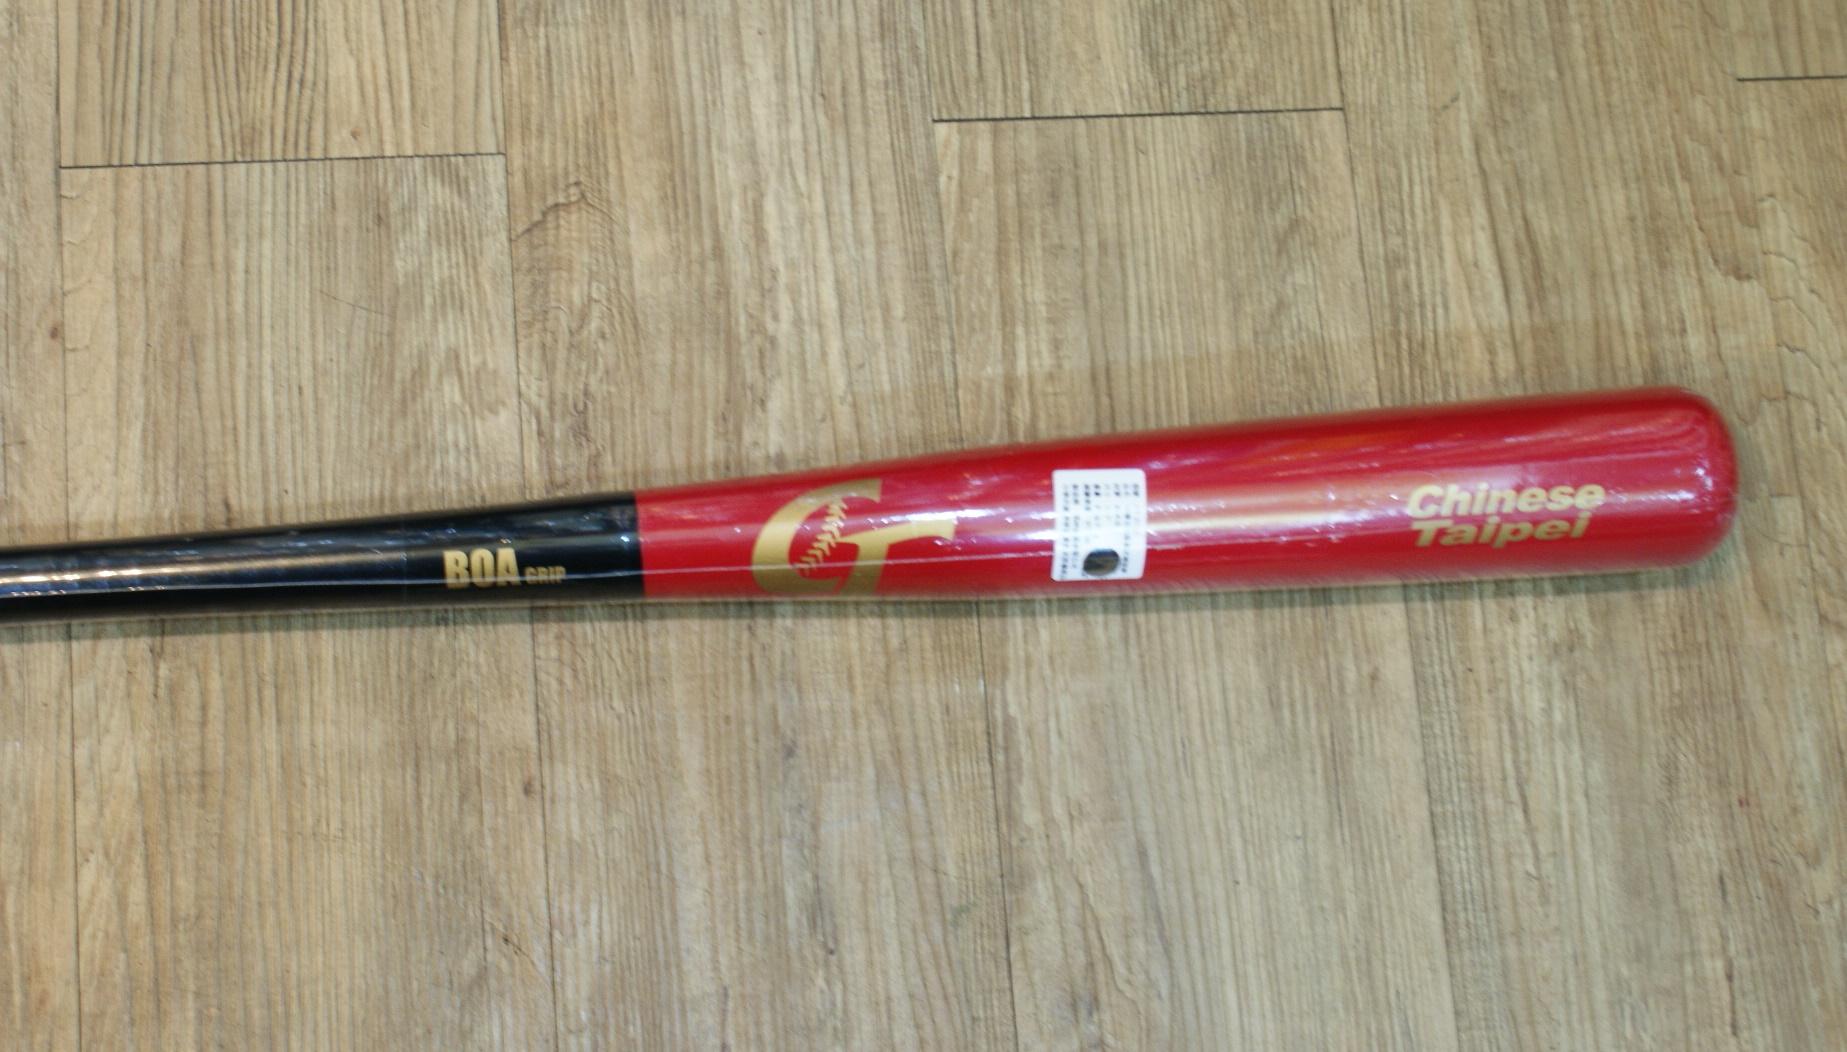 棒球世界 全新CT中華台北加拿大楓木棒球棒 紅黑色款 特價